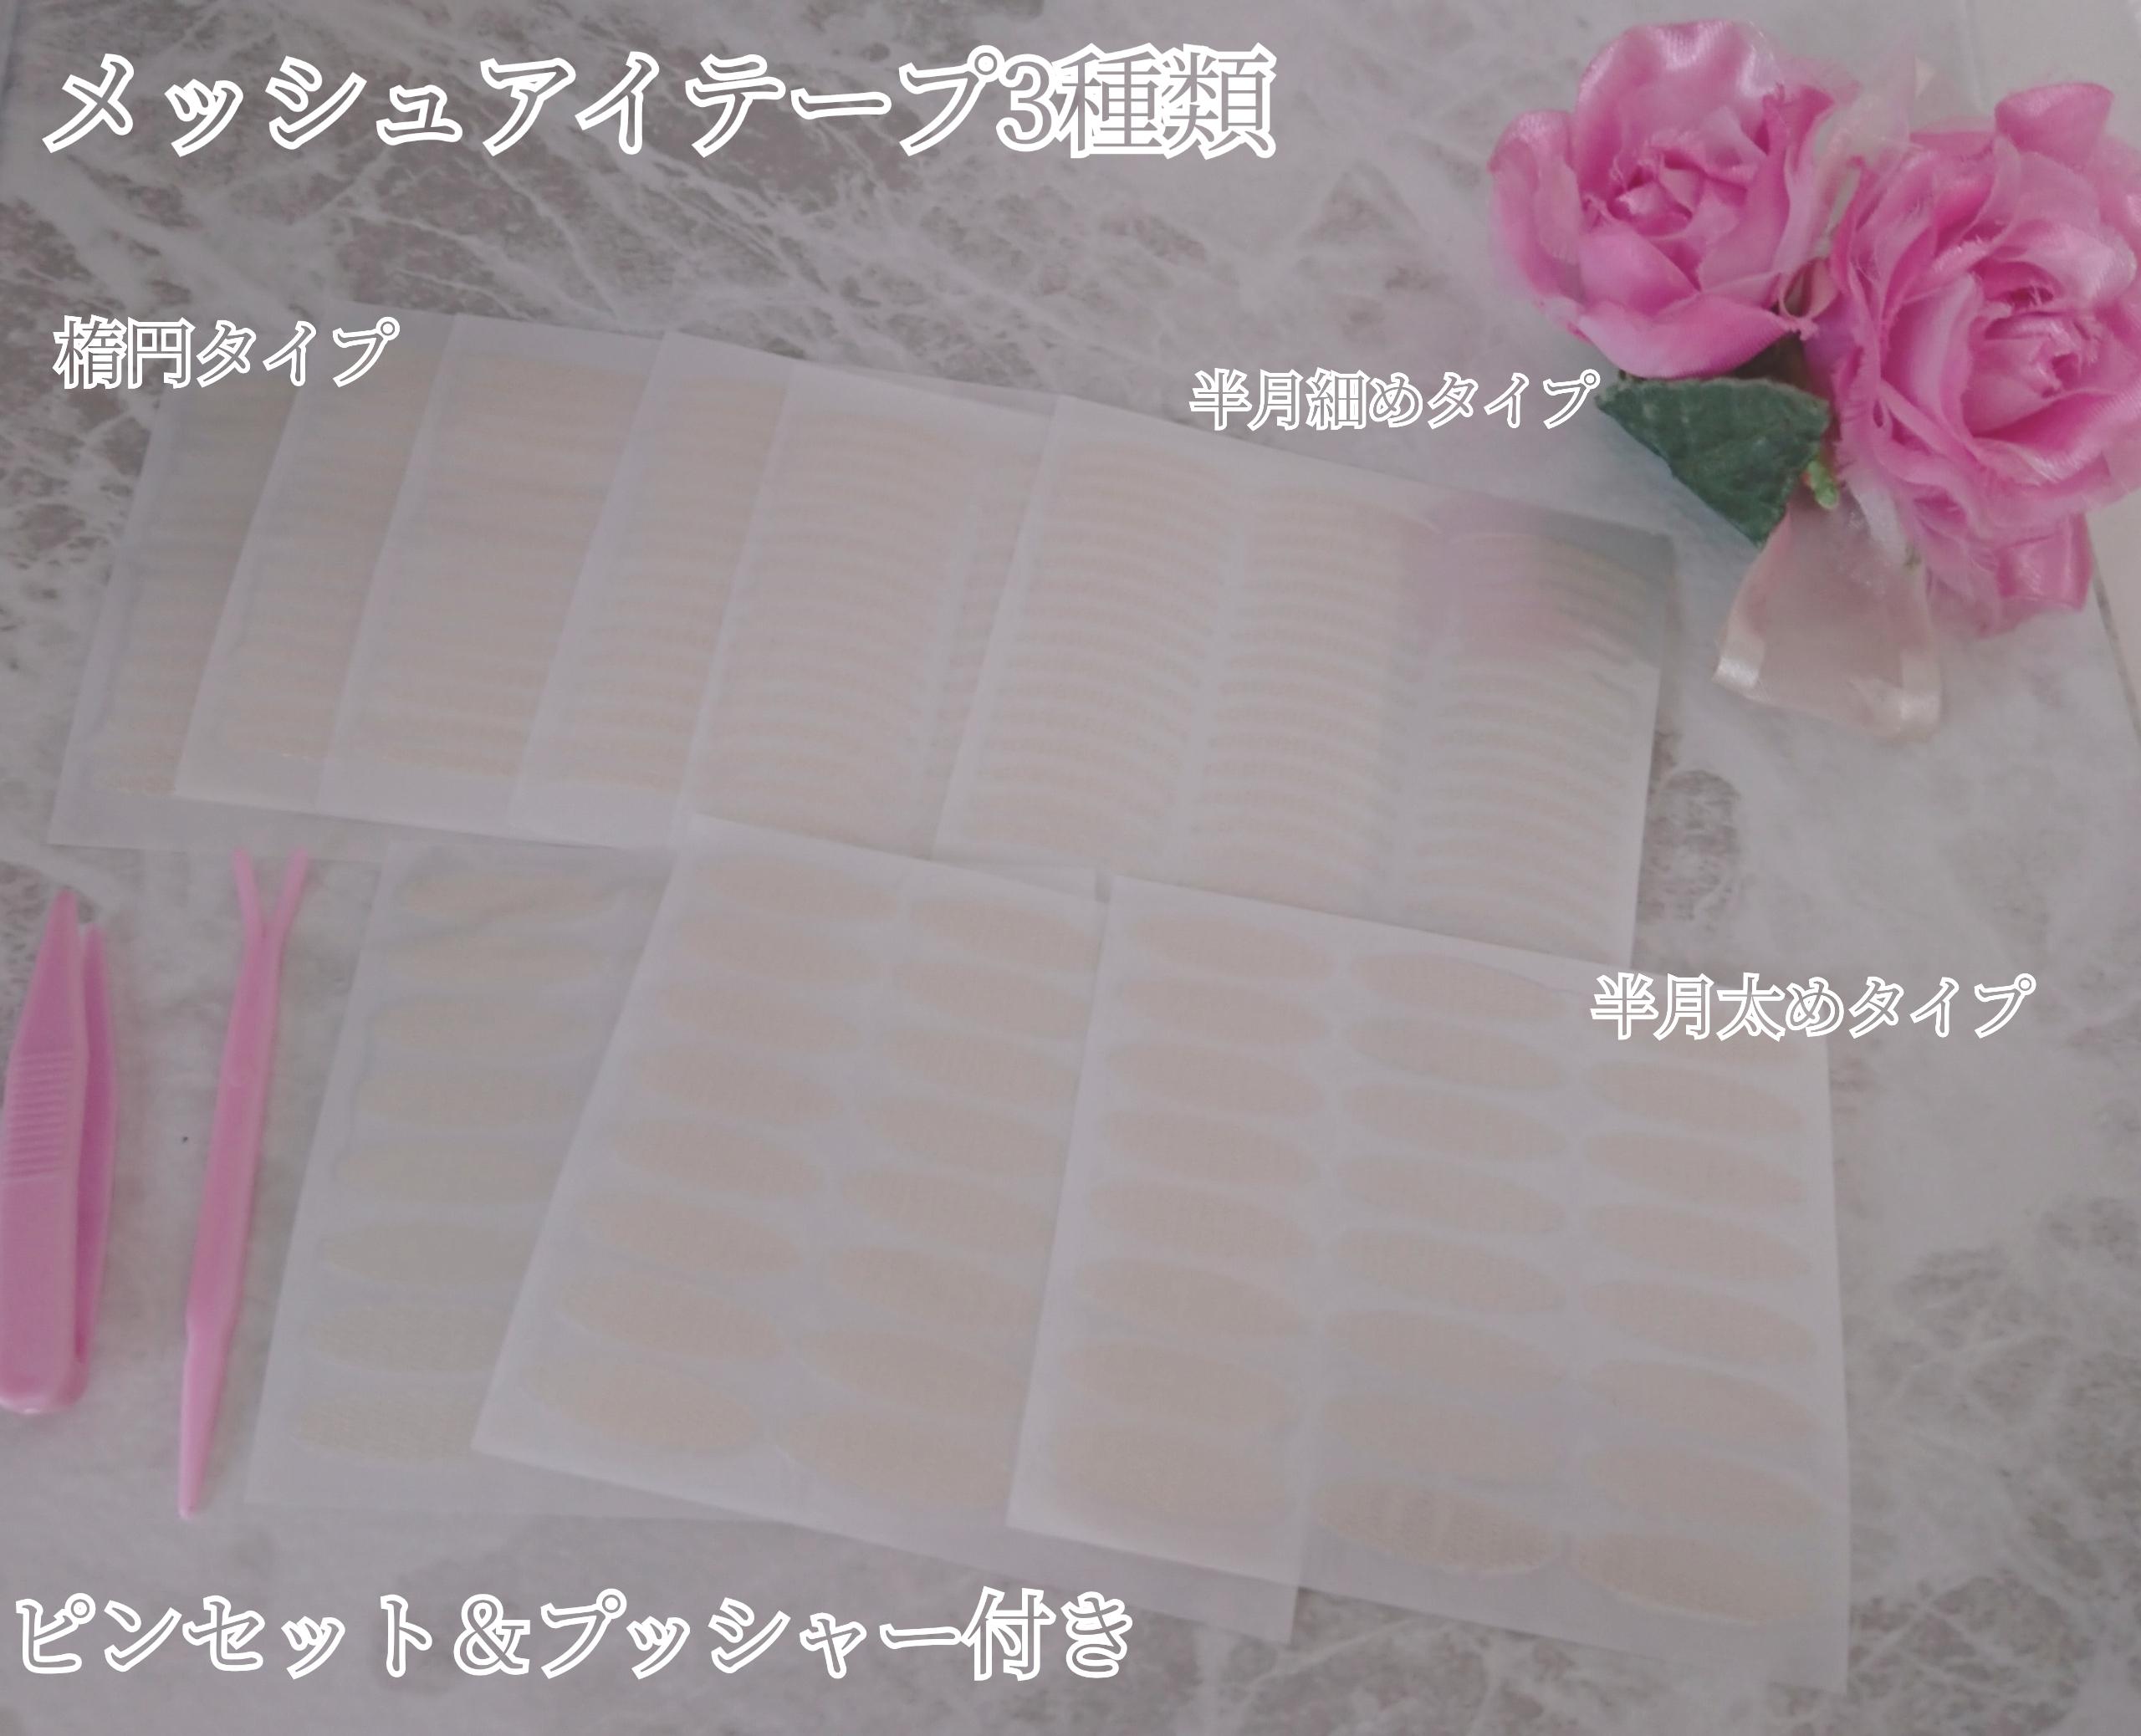 shefun(シェフン)メッシュ アイテープを使ったYuKaRi♡さんのクチコミ画像1